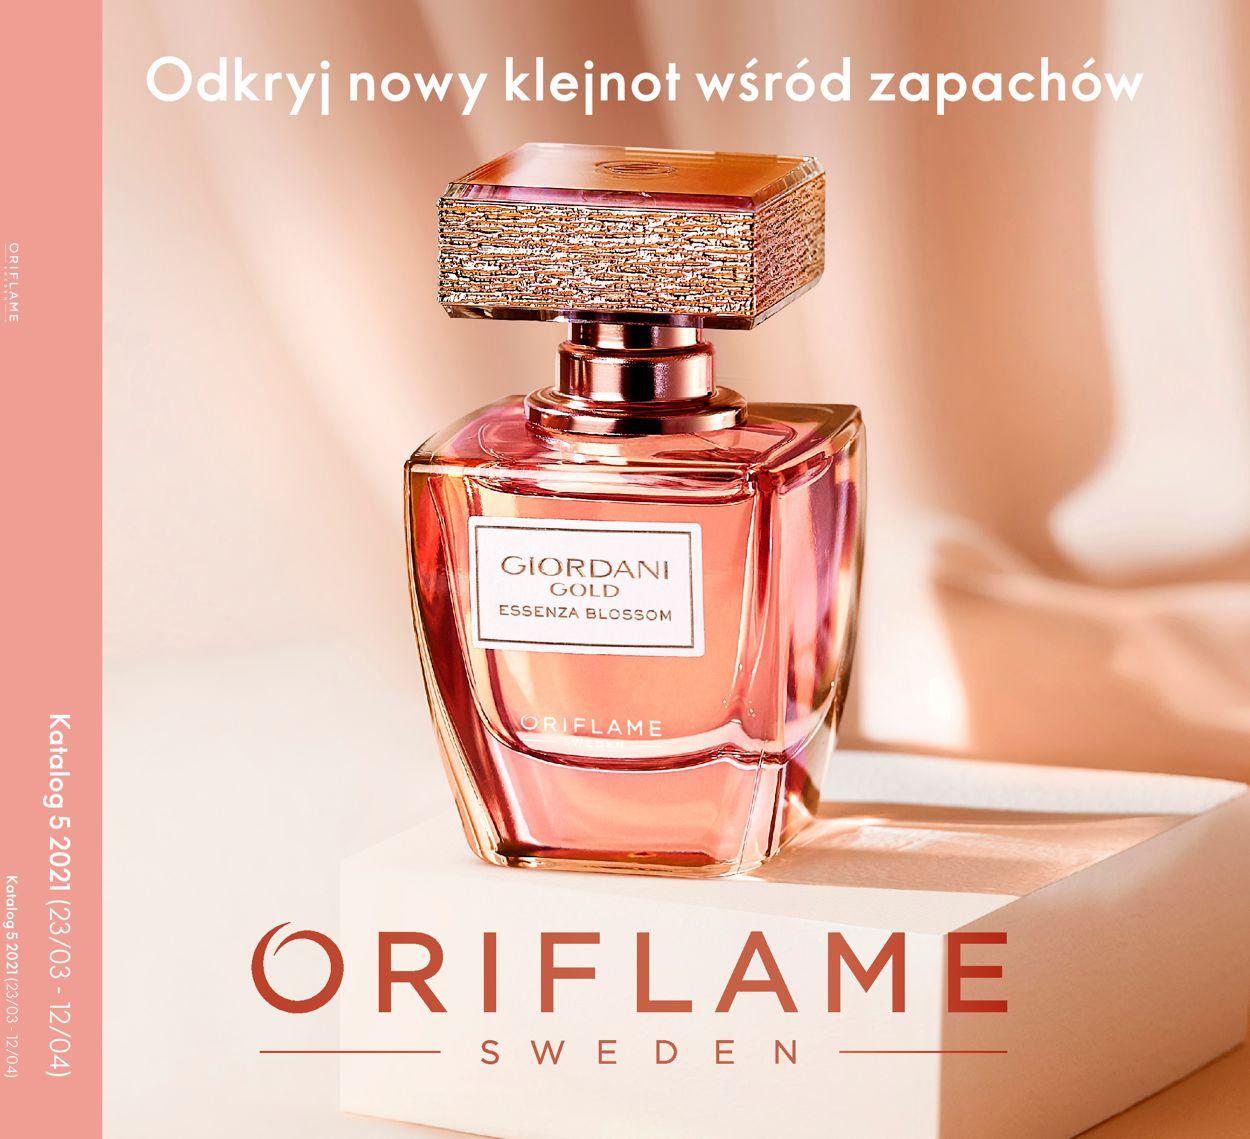 Gazetka promocyjna Oriflame - 23.03-12.04.2021